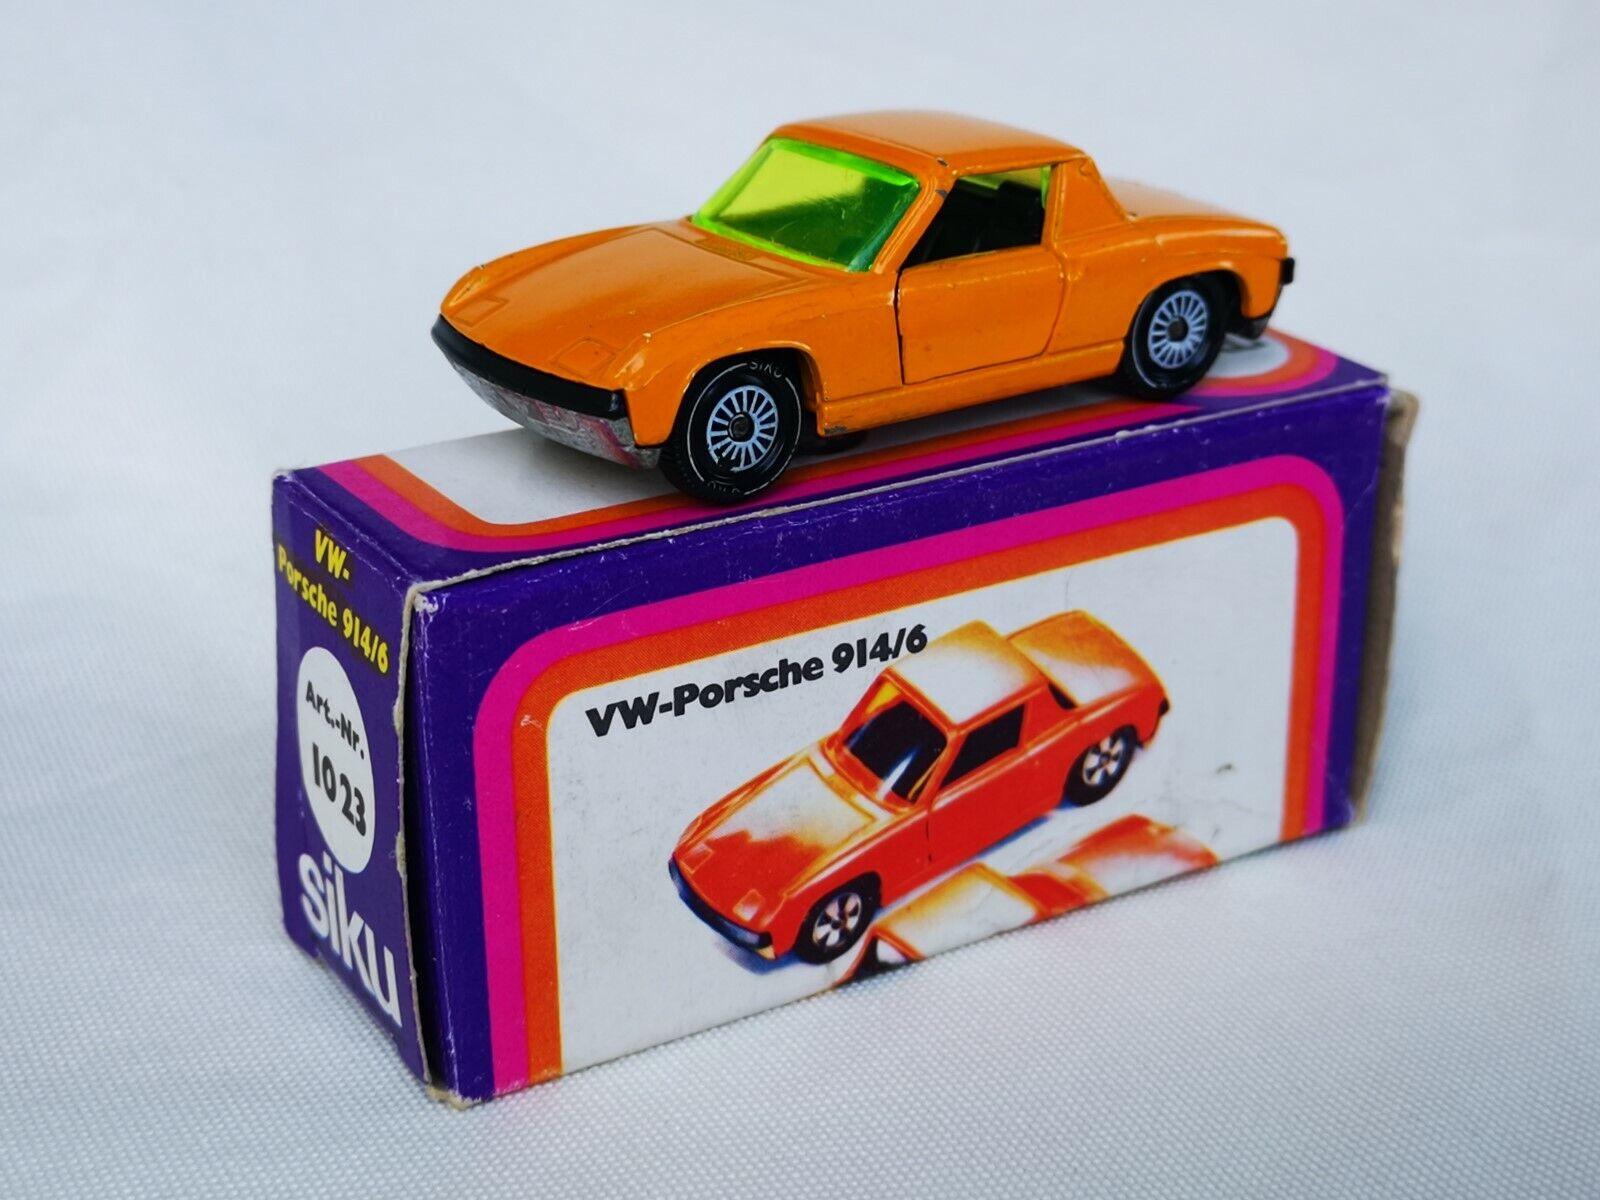 Siku no. 1023 v312 VW Porsche 914-6 Boxed